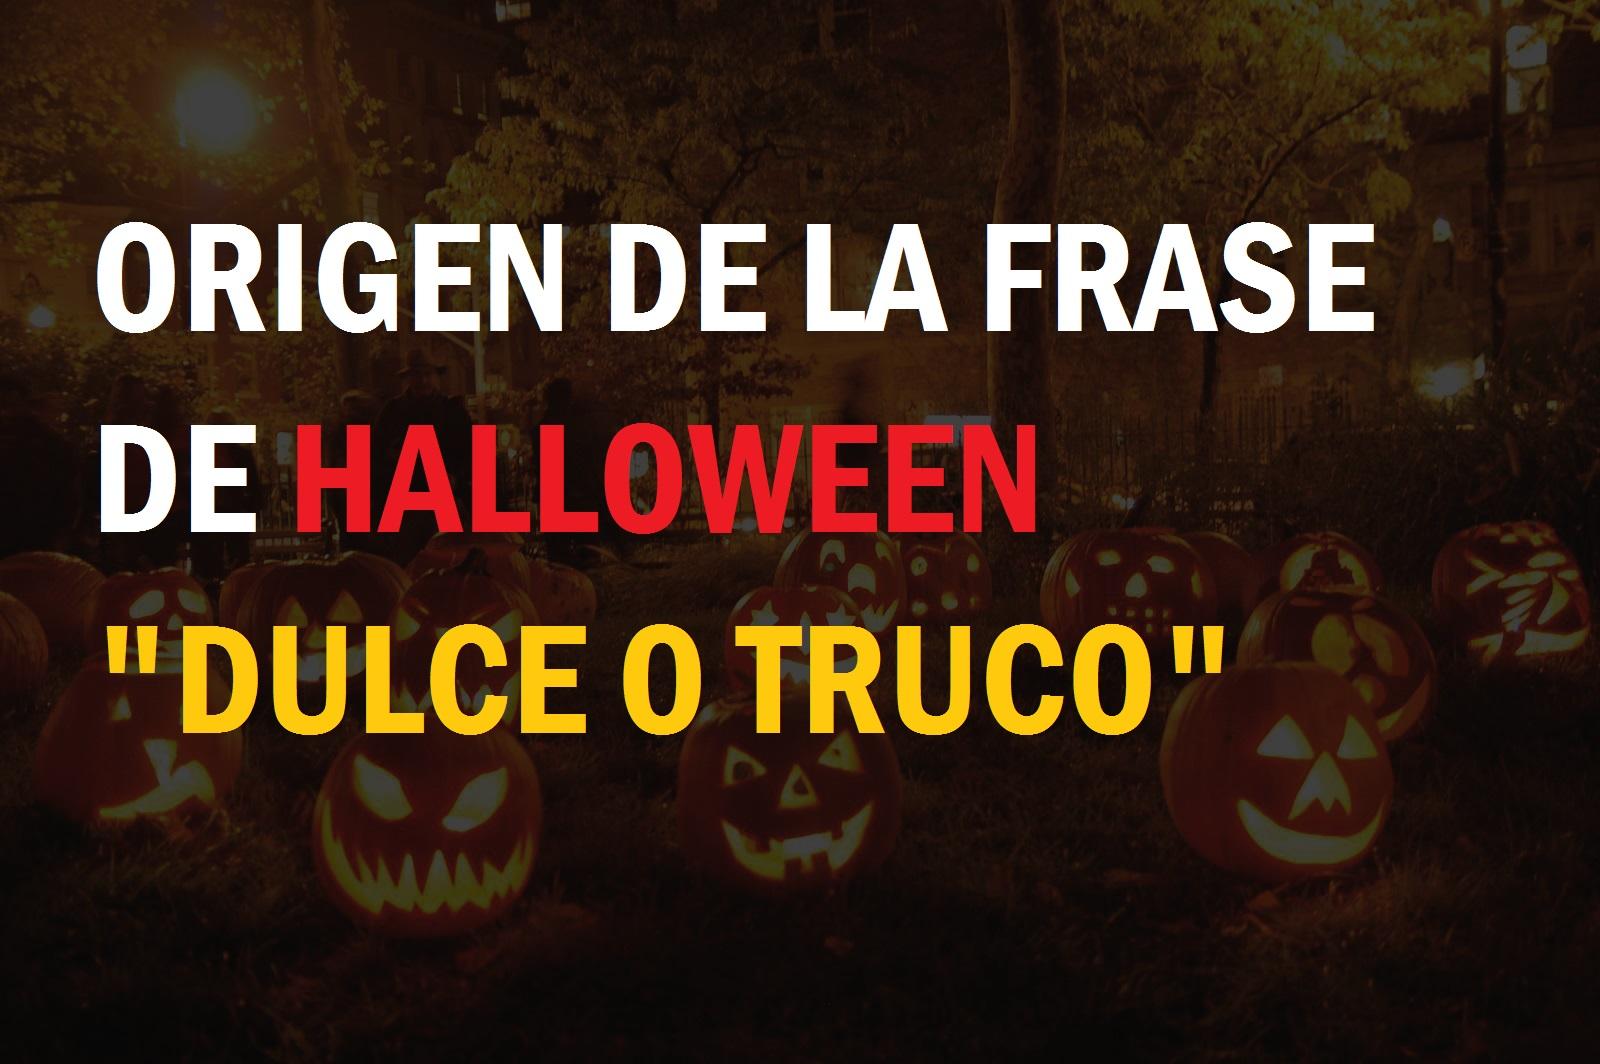 dulce-o-truco-frase-de-halloween